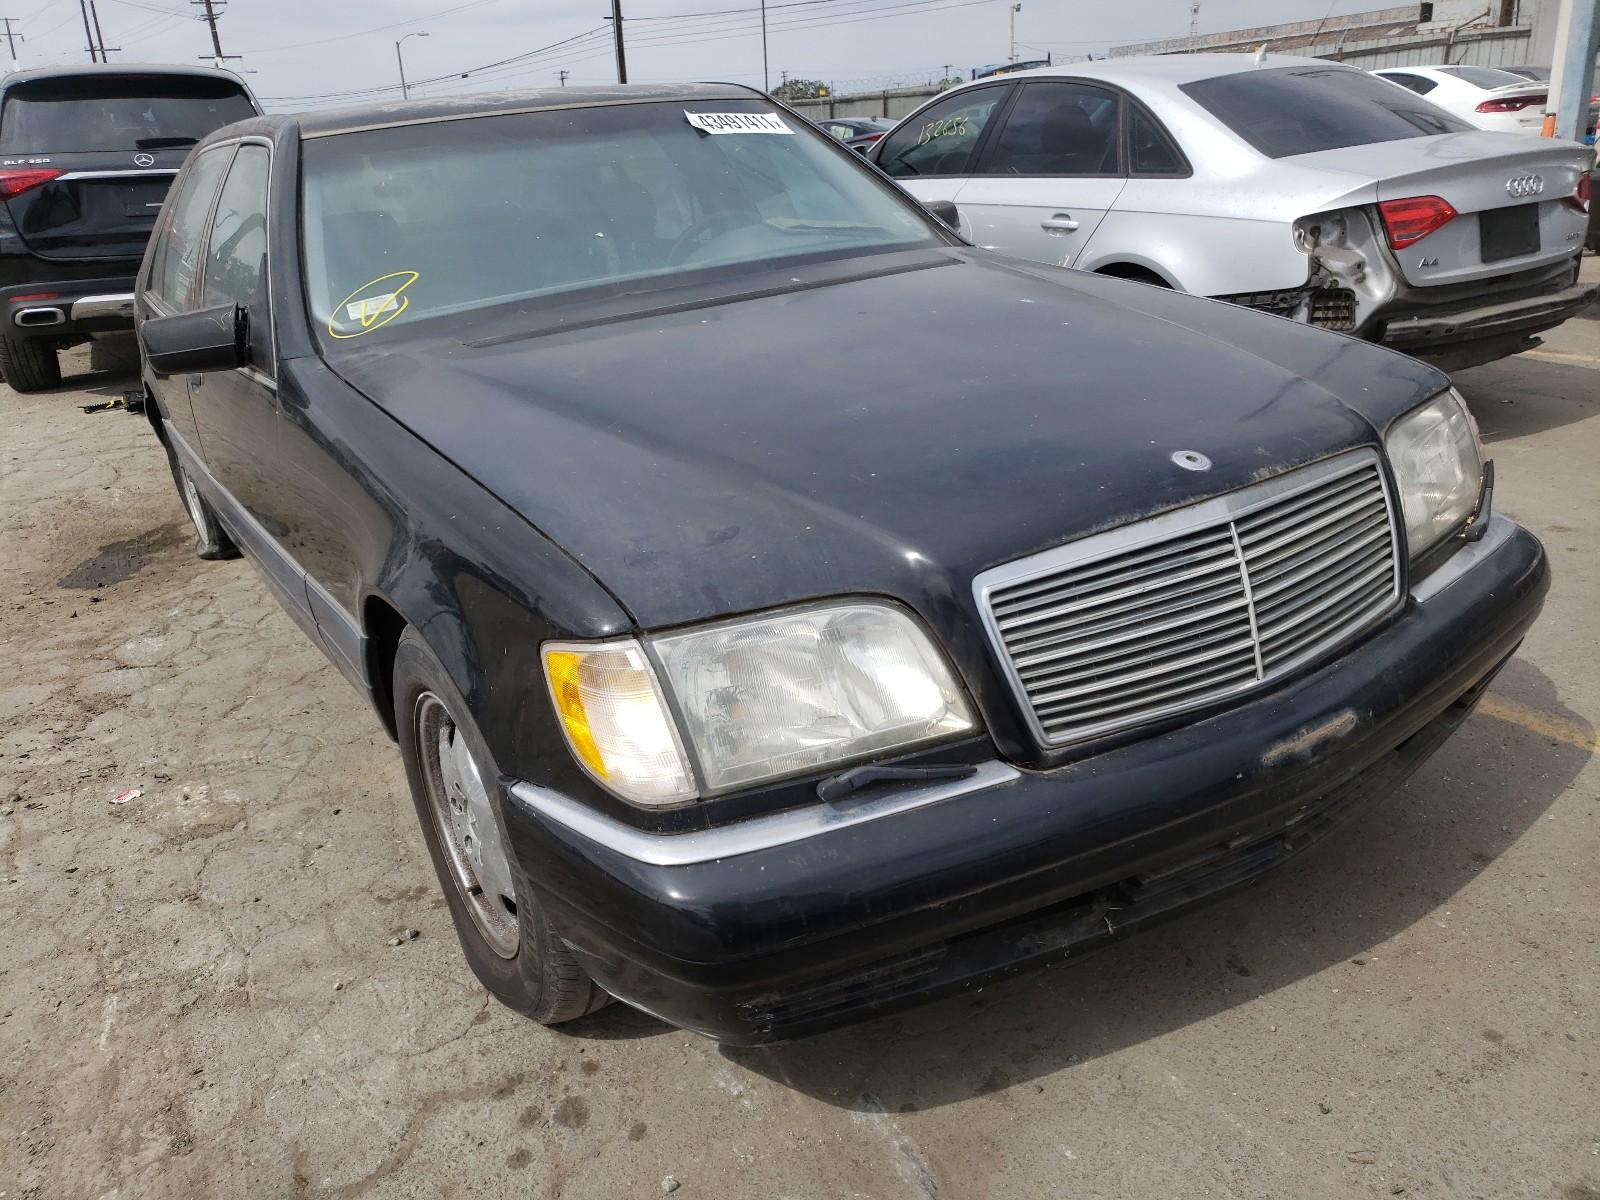 1998 MERCEDES-BENZ S 420 - WDBGA43G9WA401902